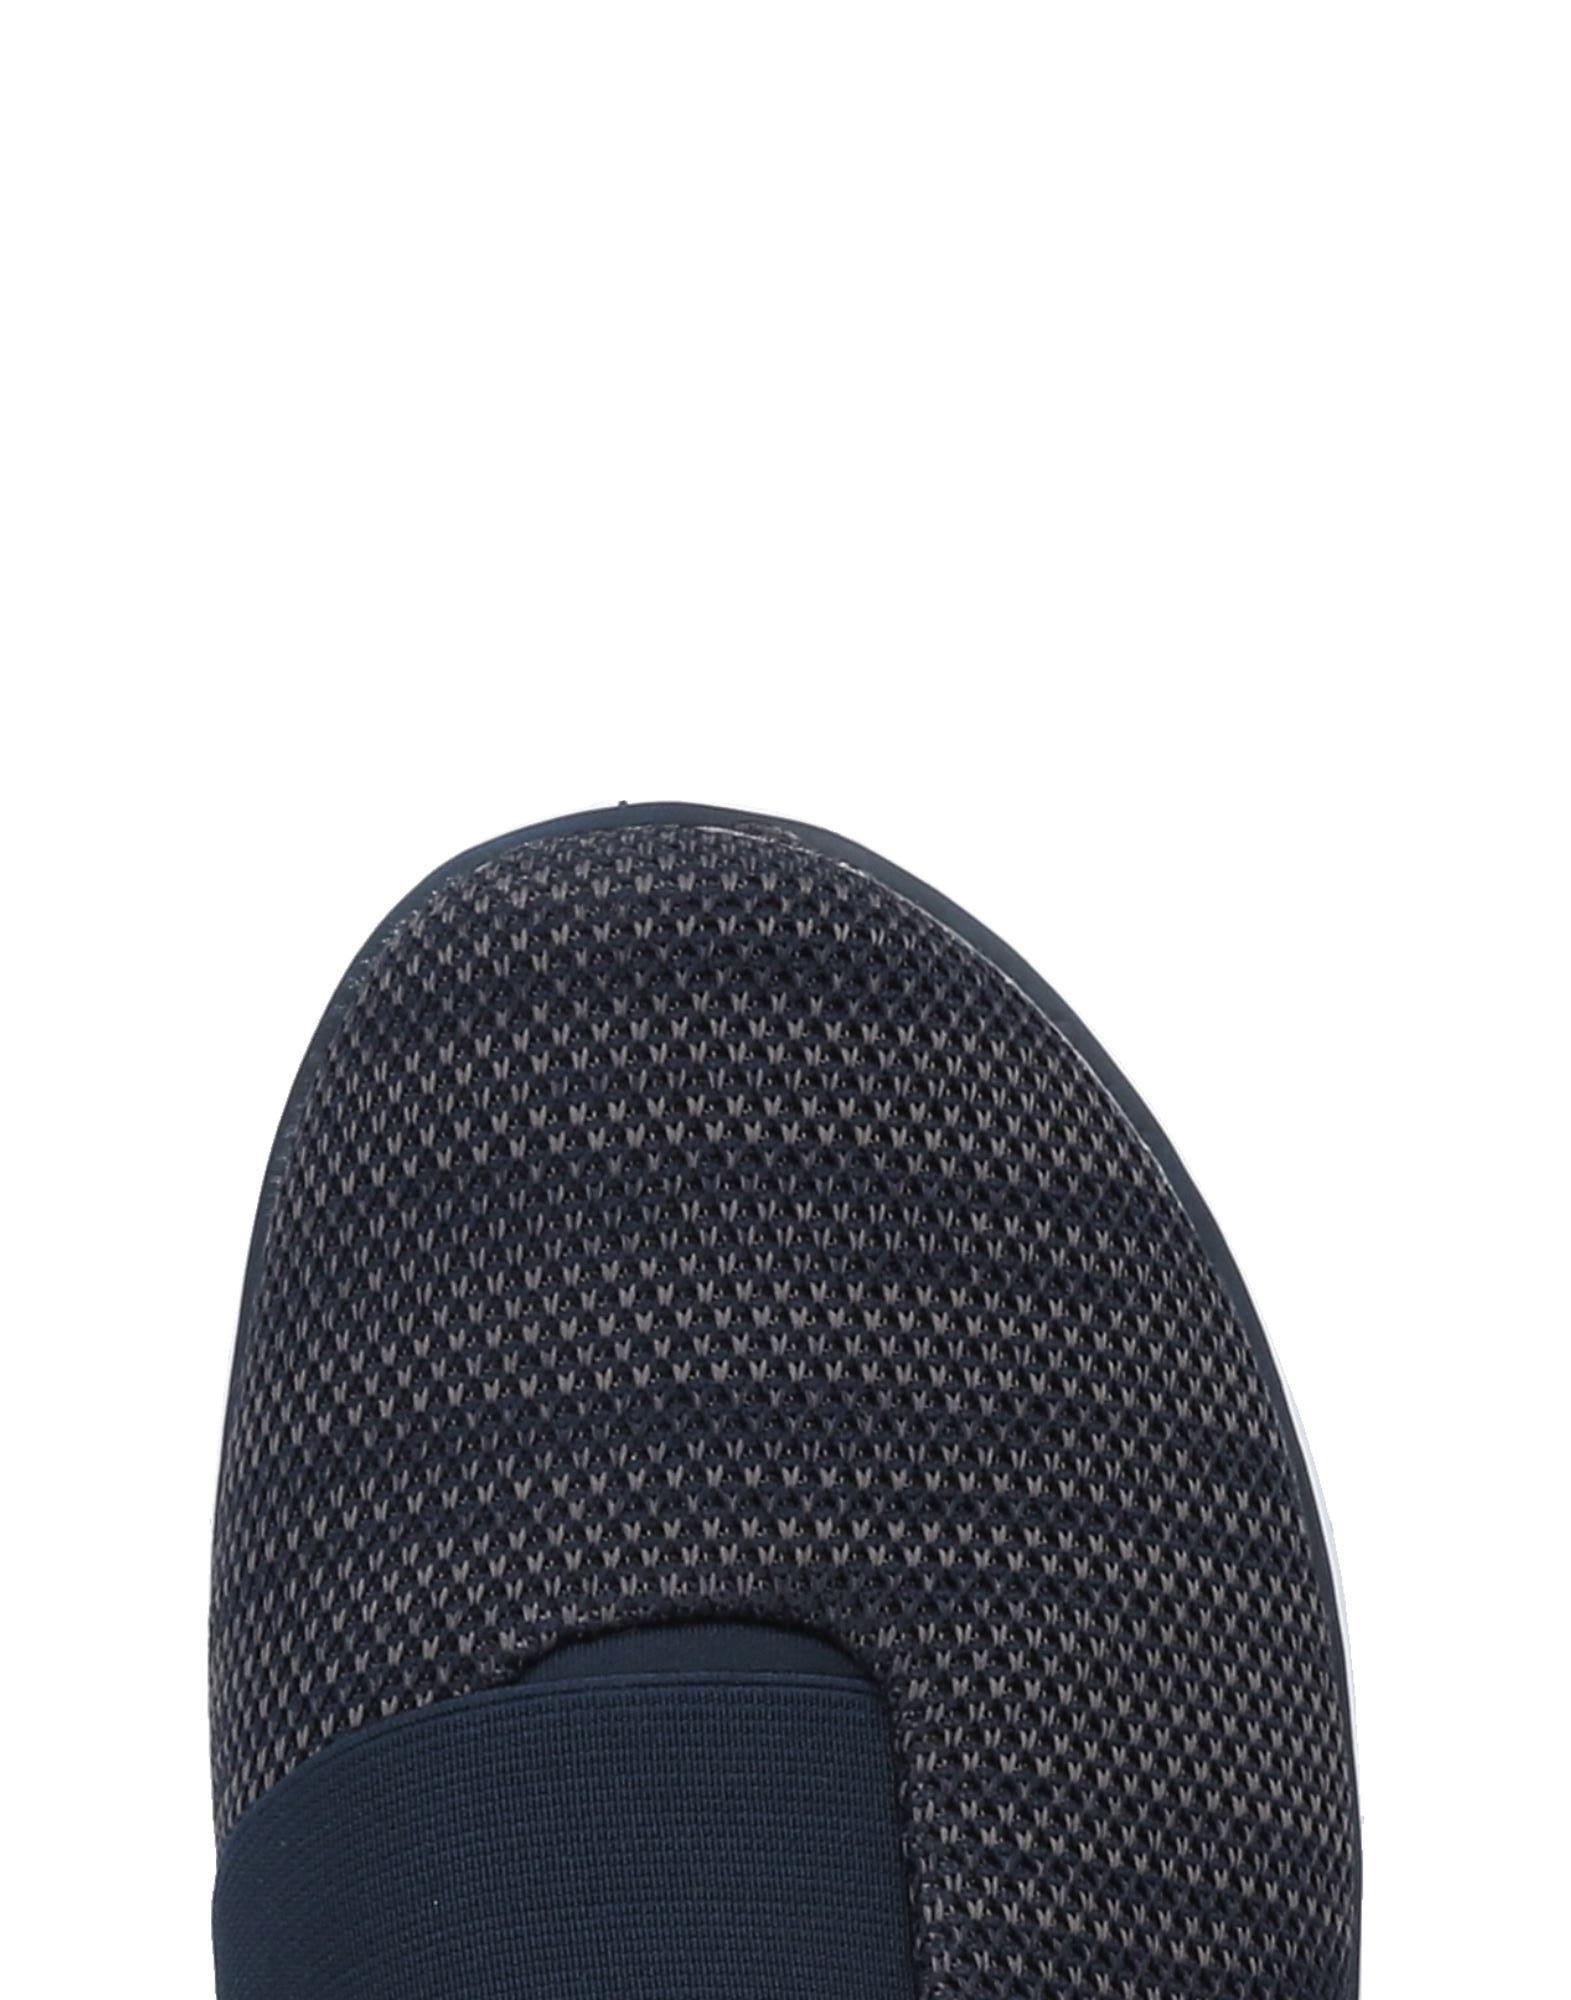 Rabatt echte  Schuhe Geox Sneakers Herren  echte 11454084SH e9e96c